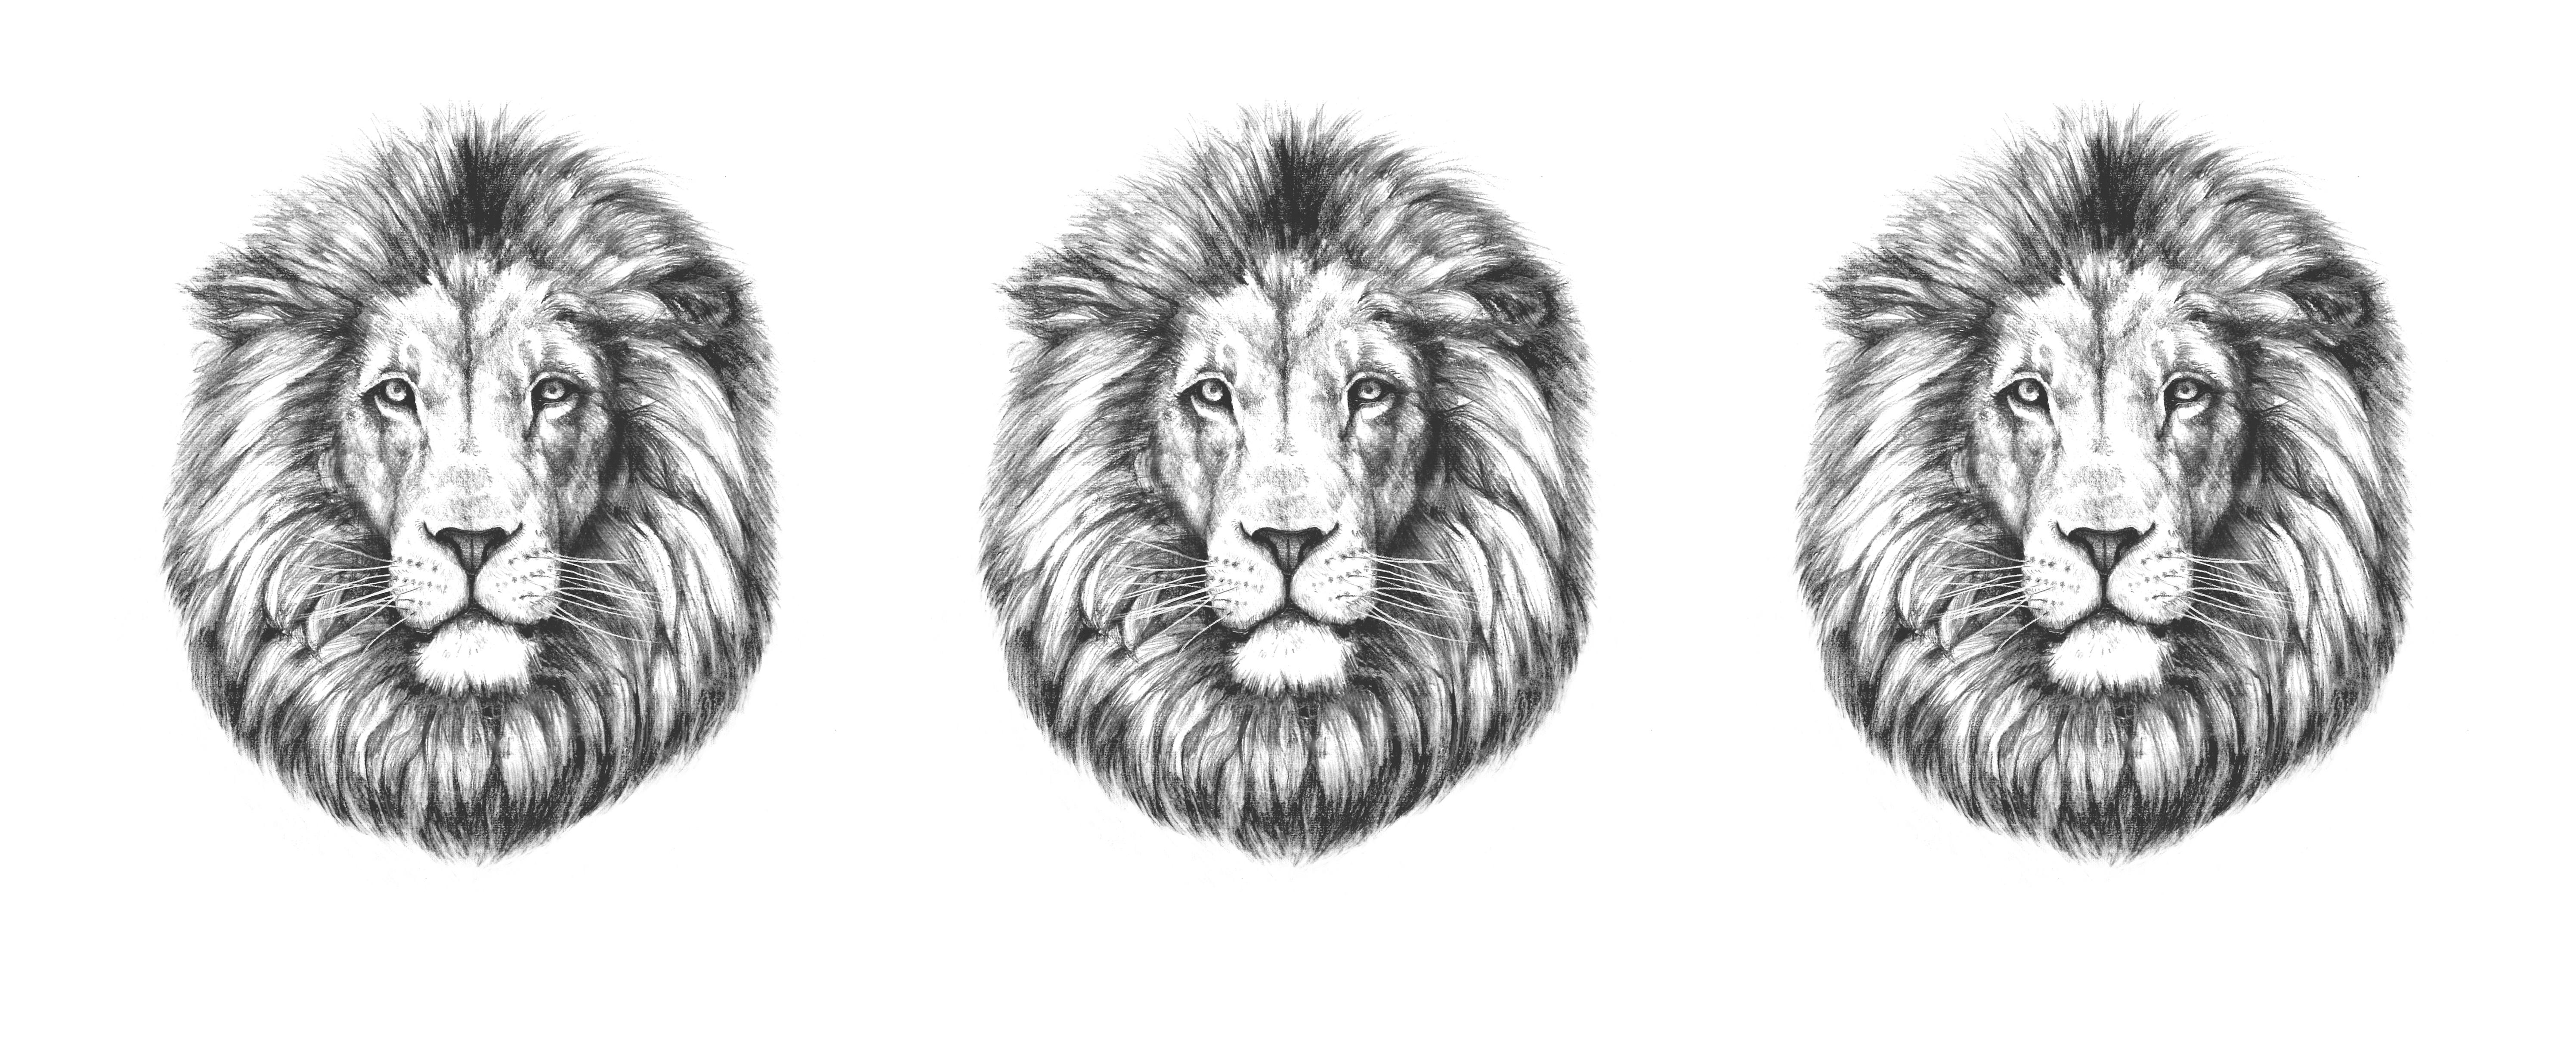 lion_typeA_02_統合_web3_2